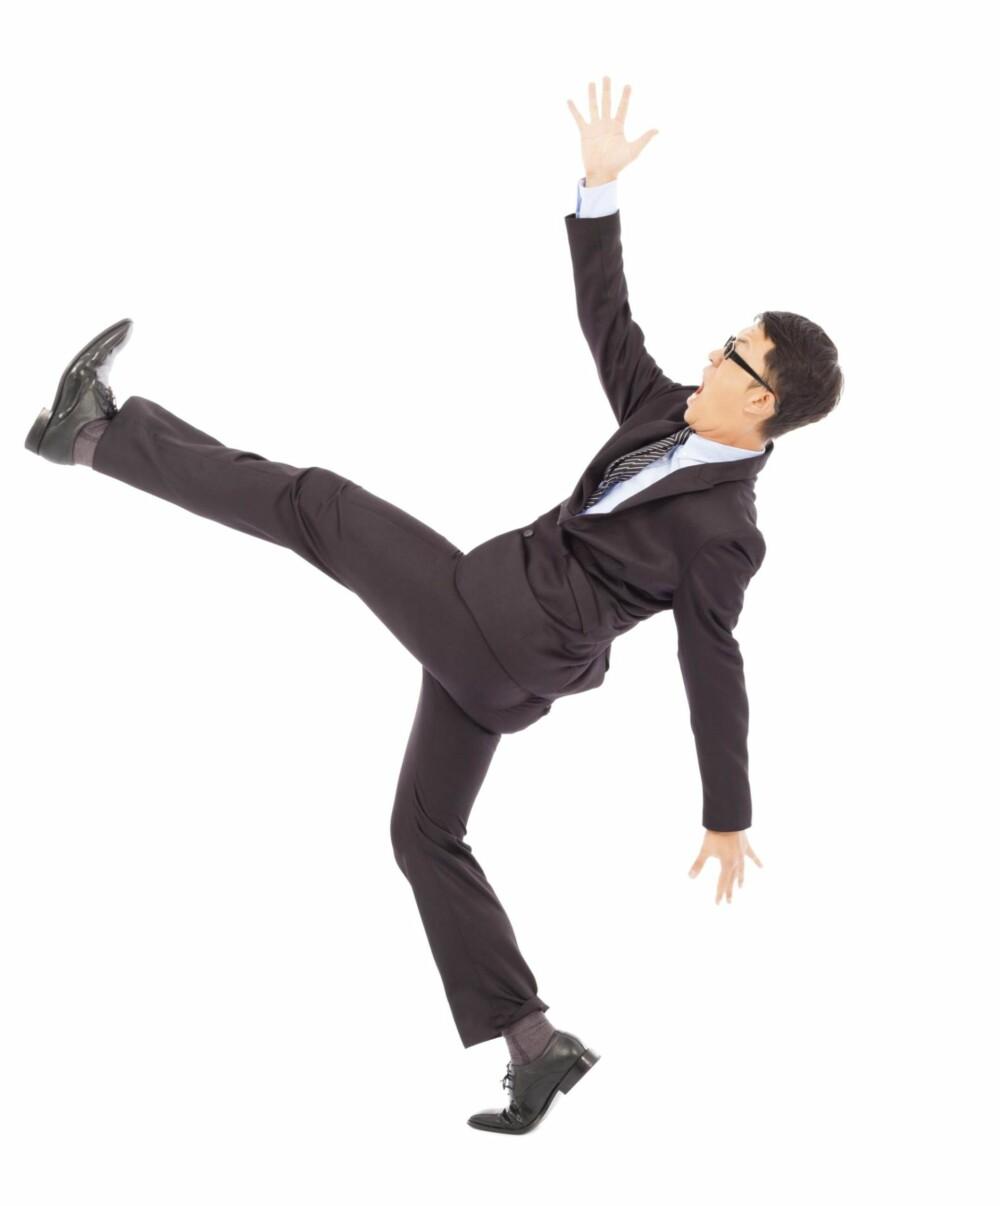 MATCH MED BUKSA: Sokkene skal matche buksene, ikke skoene. Da virker beina lengre, antrekket får en bedre flyt og sokkene lyser ikke opp hvis du plutselig tar av deg skoene.